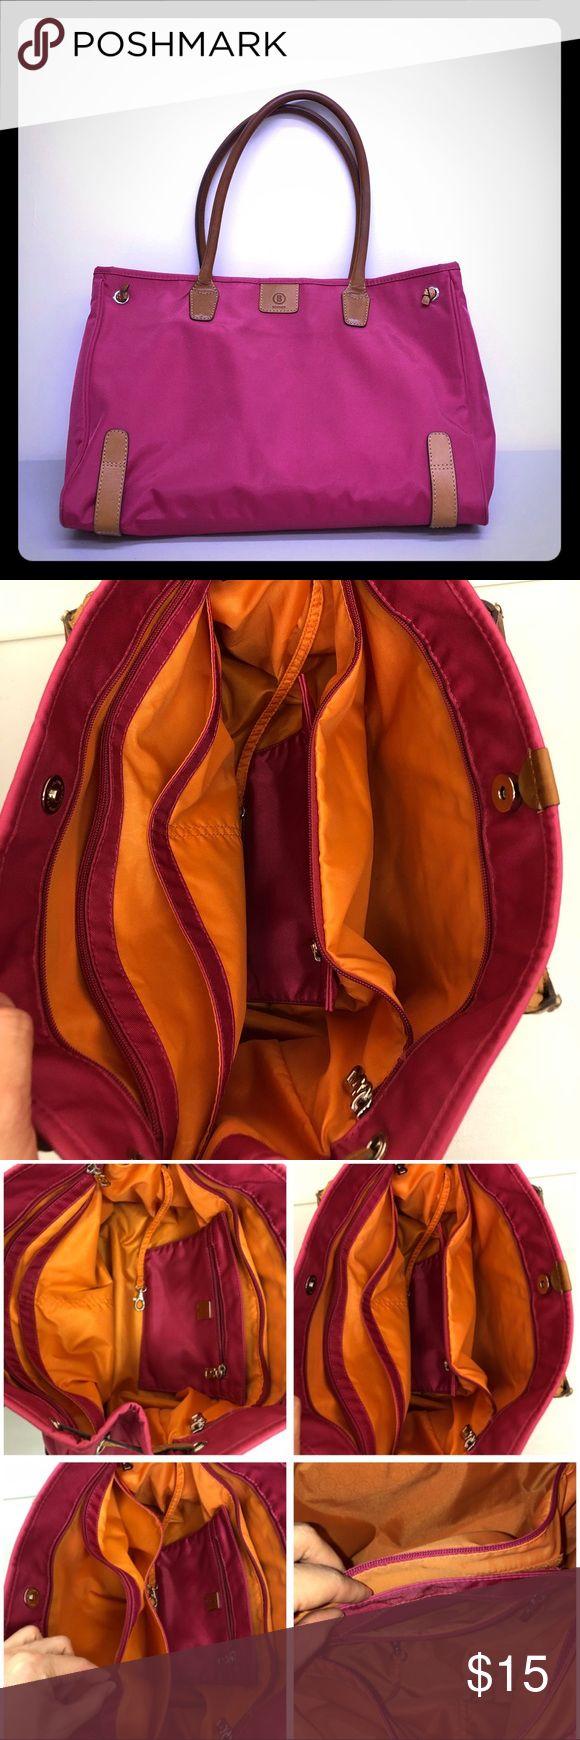 25 best ideas about kipling backpack on pinterest school handbags - Cute Very Spacious Tote